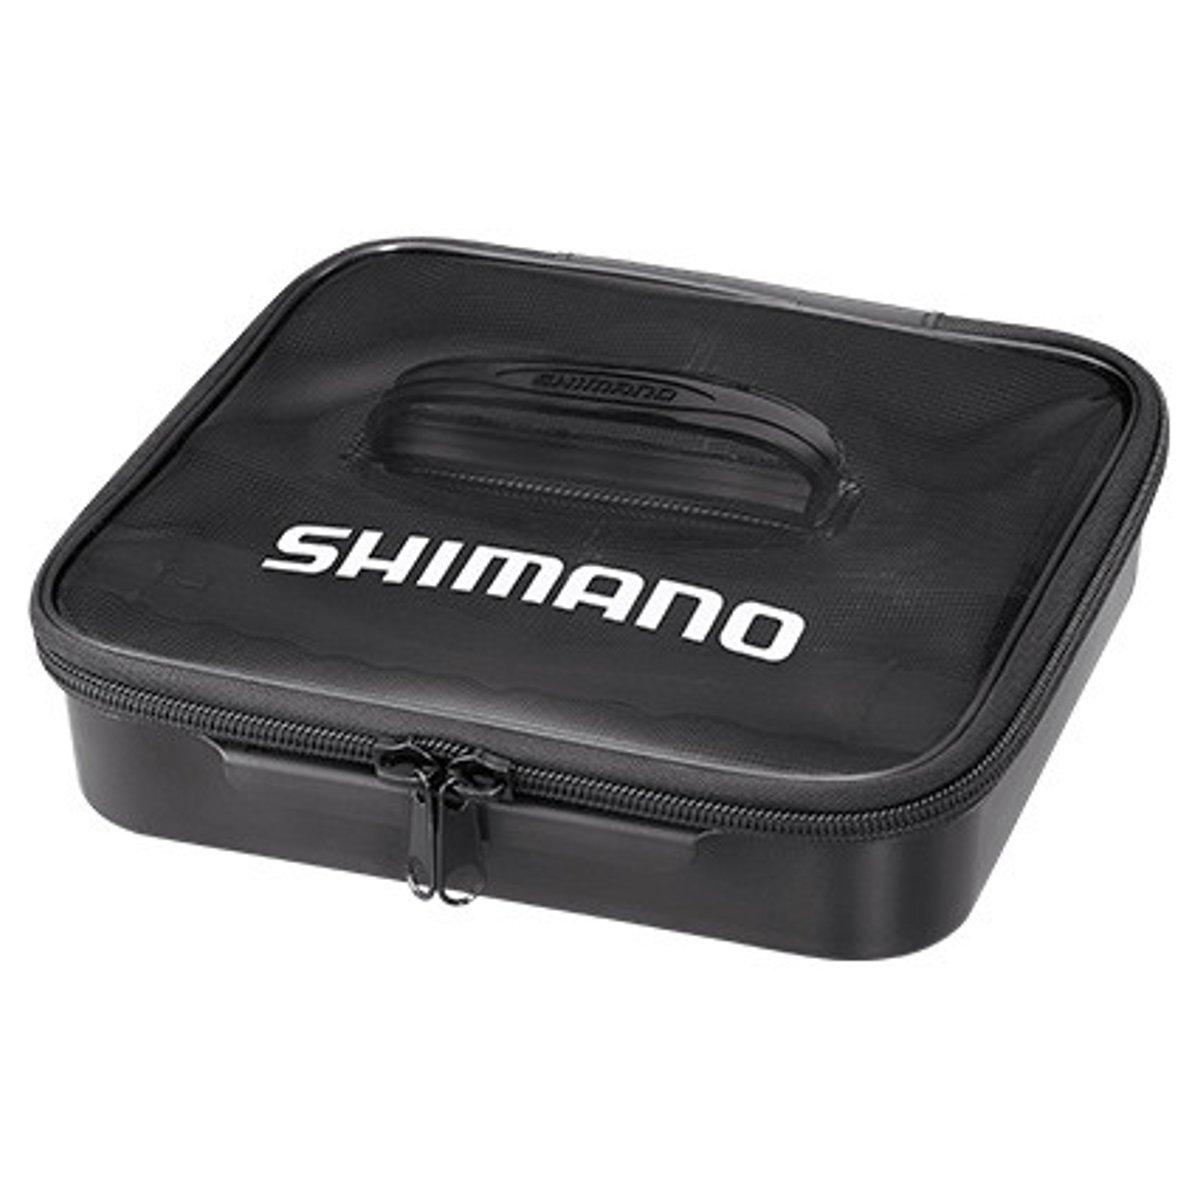 シマノ ハード スライドインナートレー BK-038Q ブラック